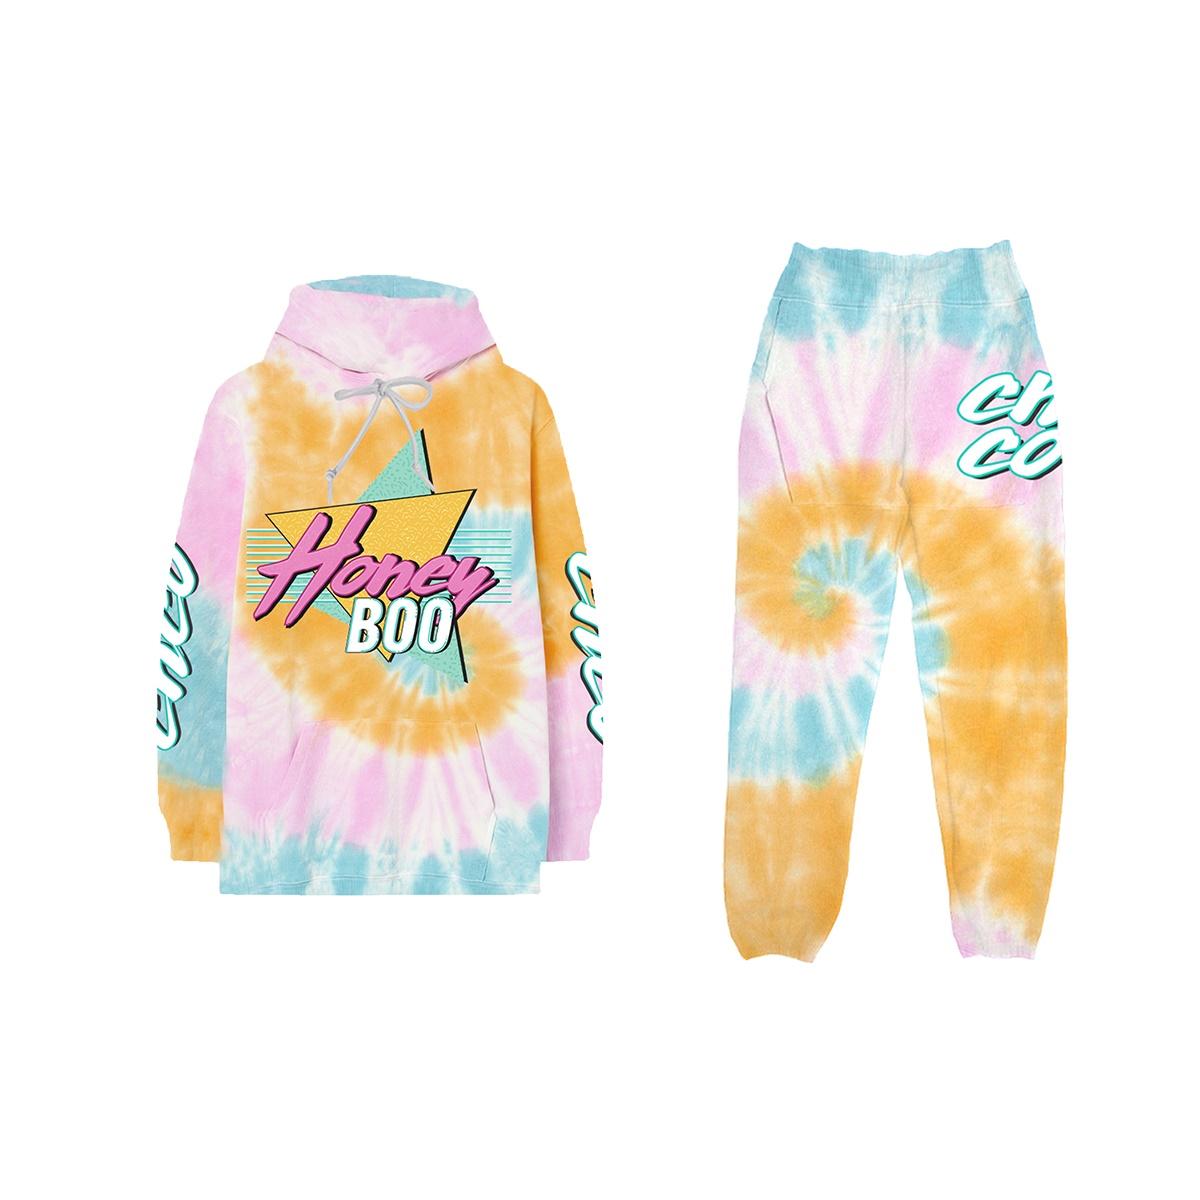 Honey Boo TieDye Hoodie + Sweatpants Bundle